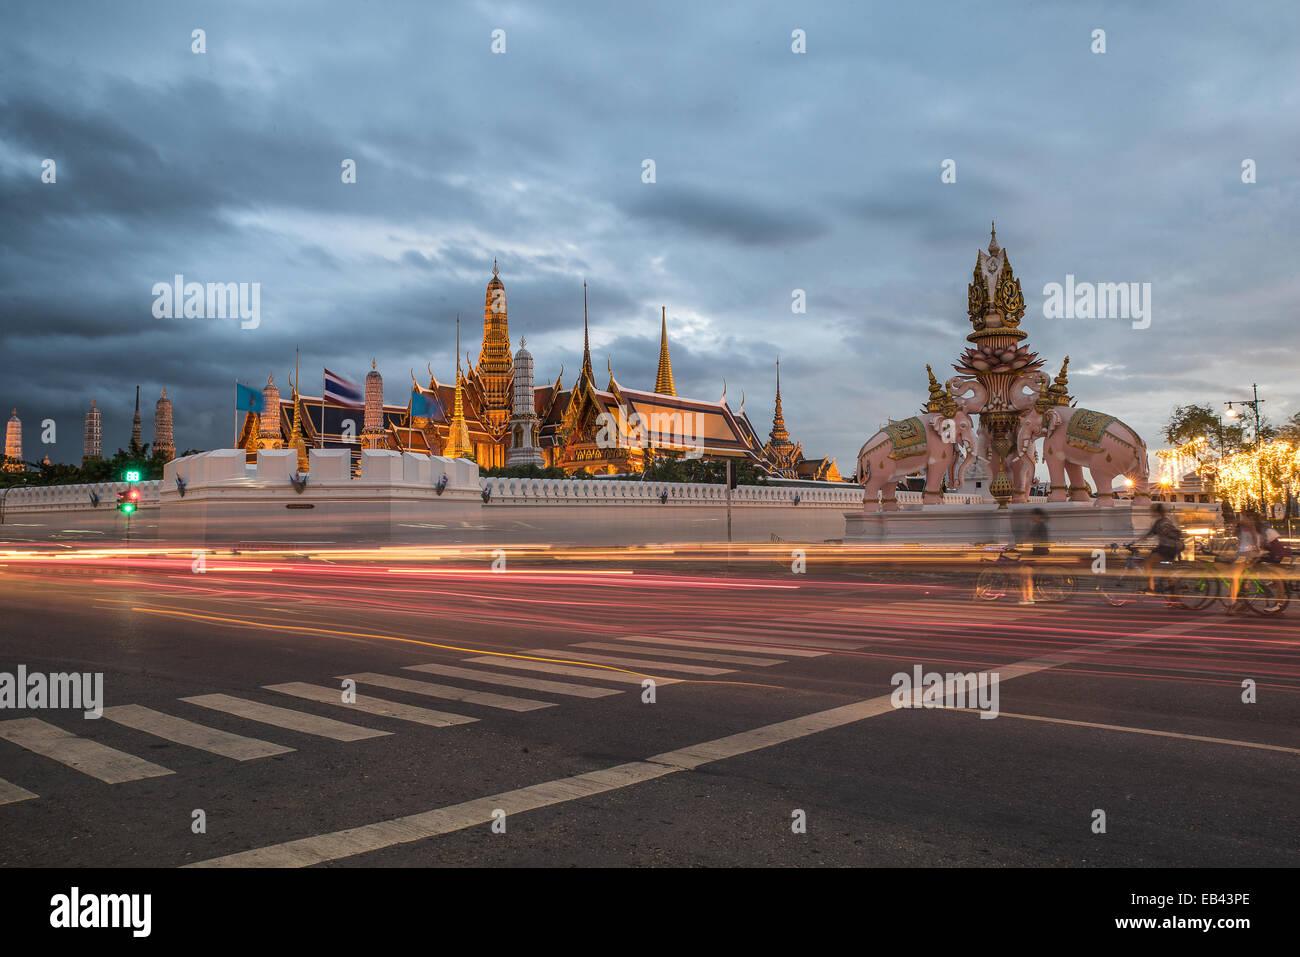 Templo del Buda de Esmeralda (Wat Phra Kaew.) de Bangkok, Tailandia. Imagen De Stock